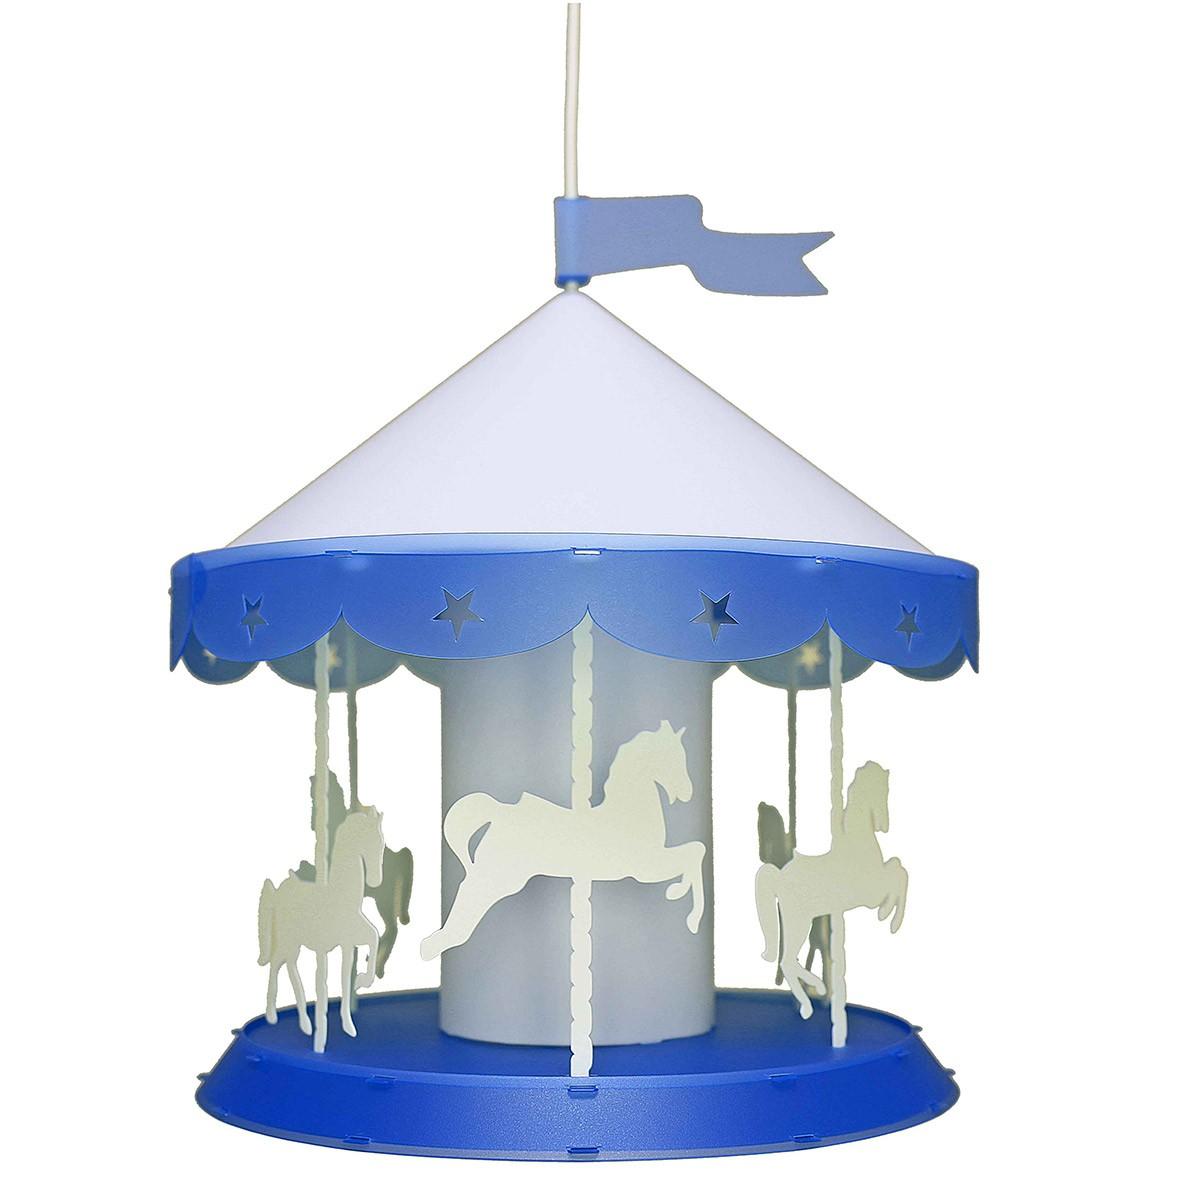 Παιδικό Φωτιστικό Οροφής Μονόφωτο R&M Coudert Καρουζέλ Μπλε